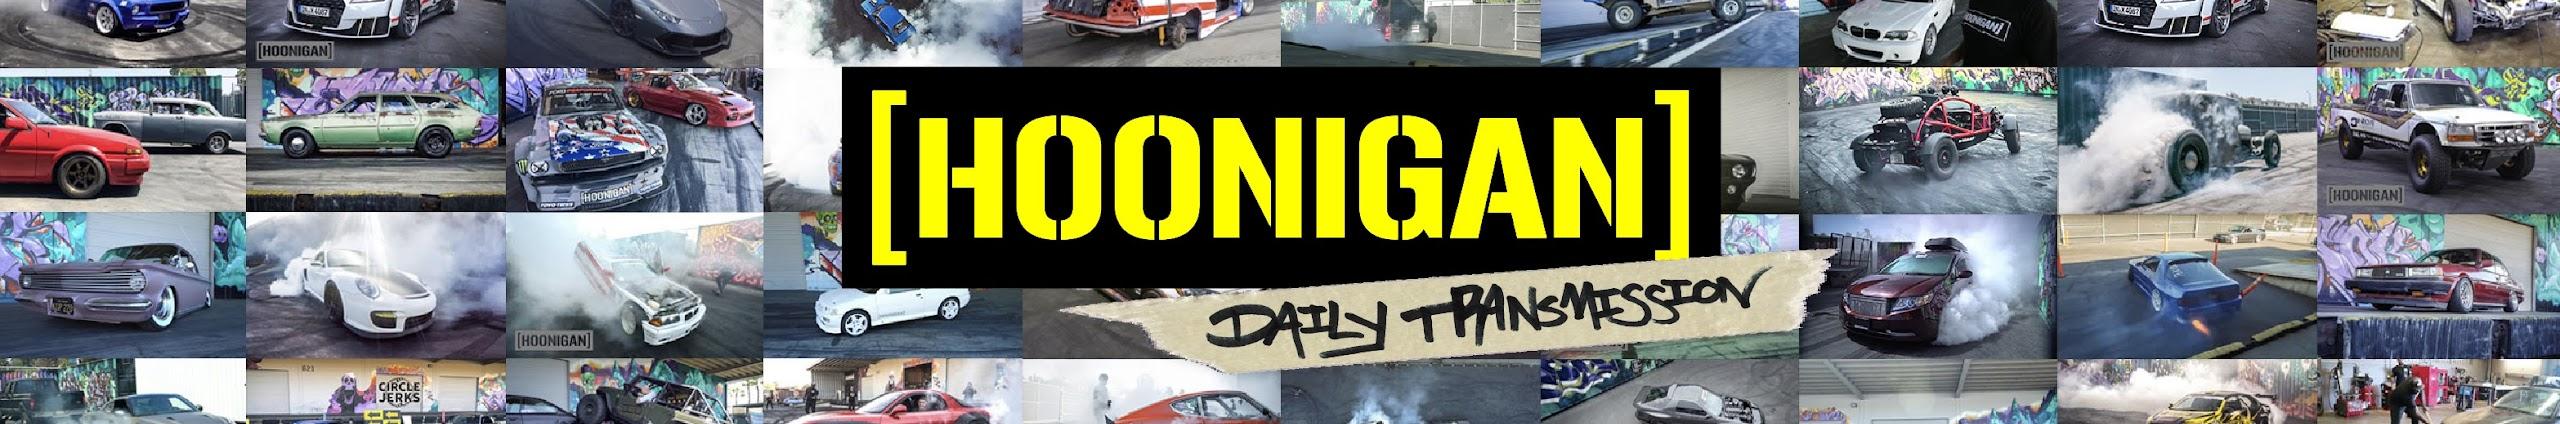 Hoonigan Mustang Transmission